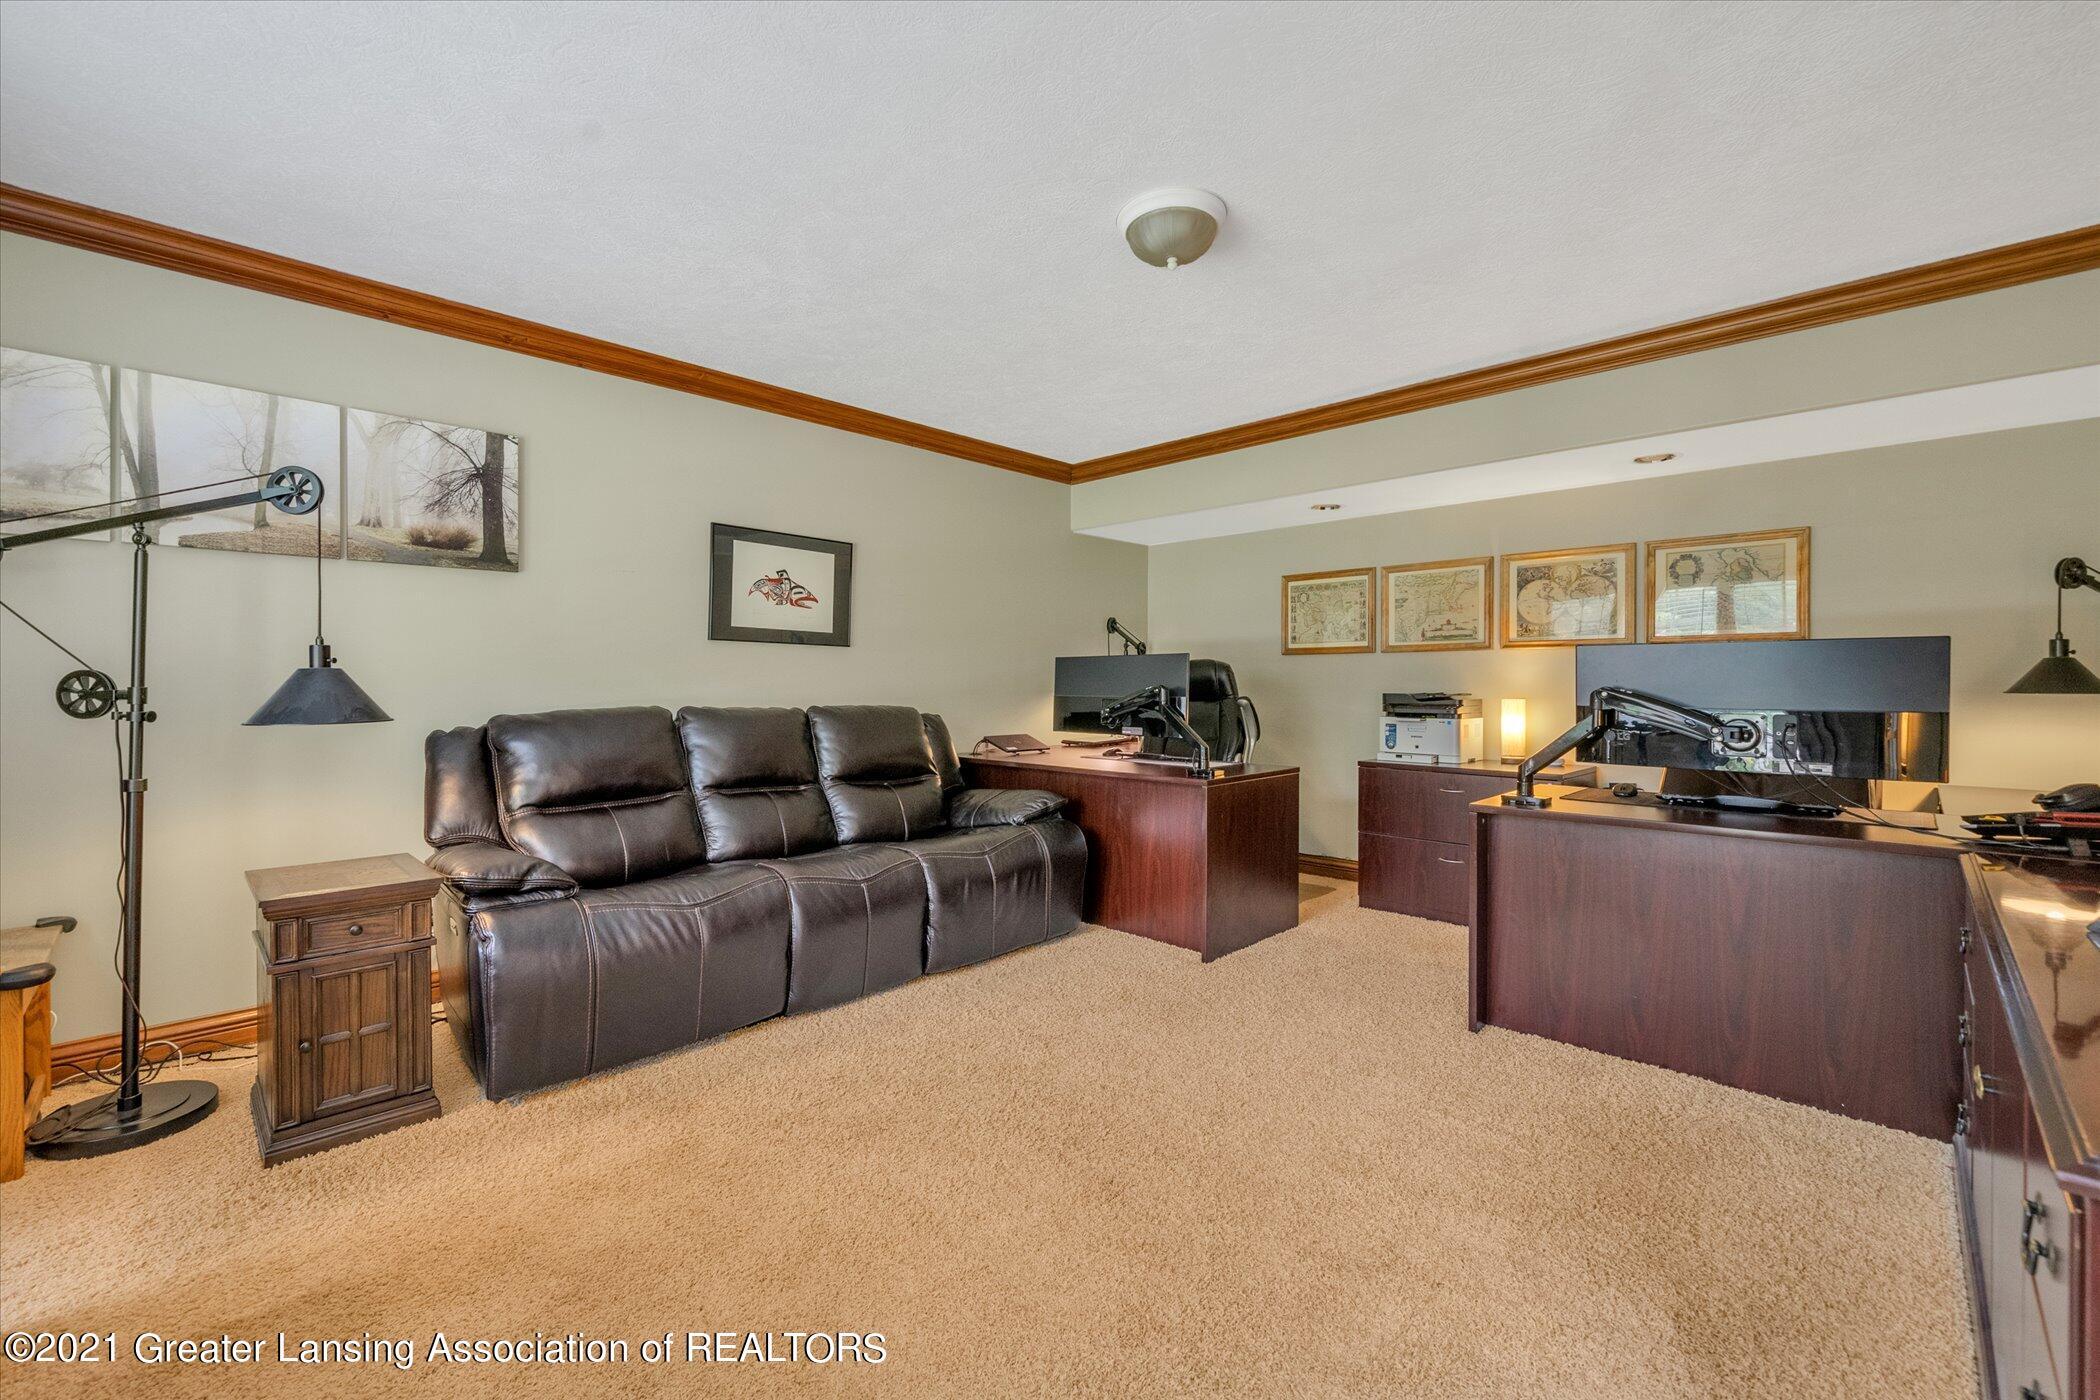 8100 Casandra Ln - MAIN FLOOR Formal Living Room or Of - 19